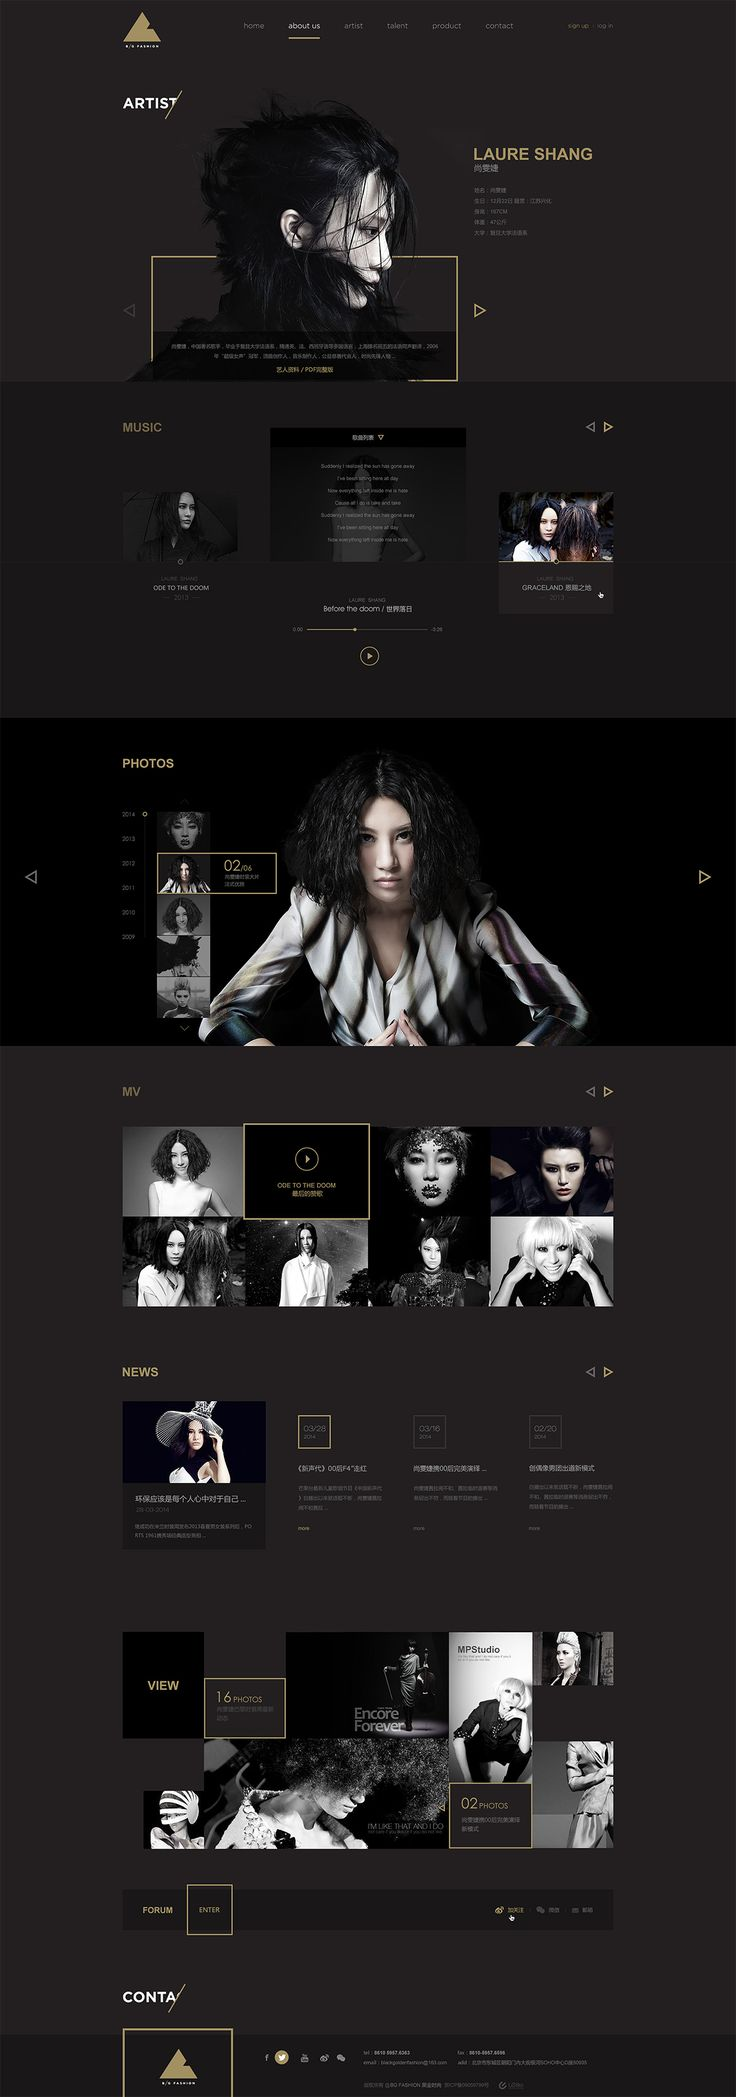 优艺客-专注互联网品牌建设-原韩雪冬网页设计工作室(公司站)